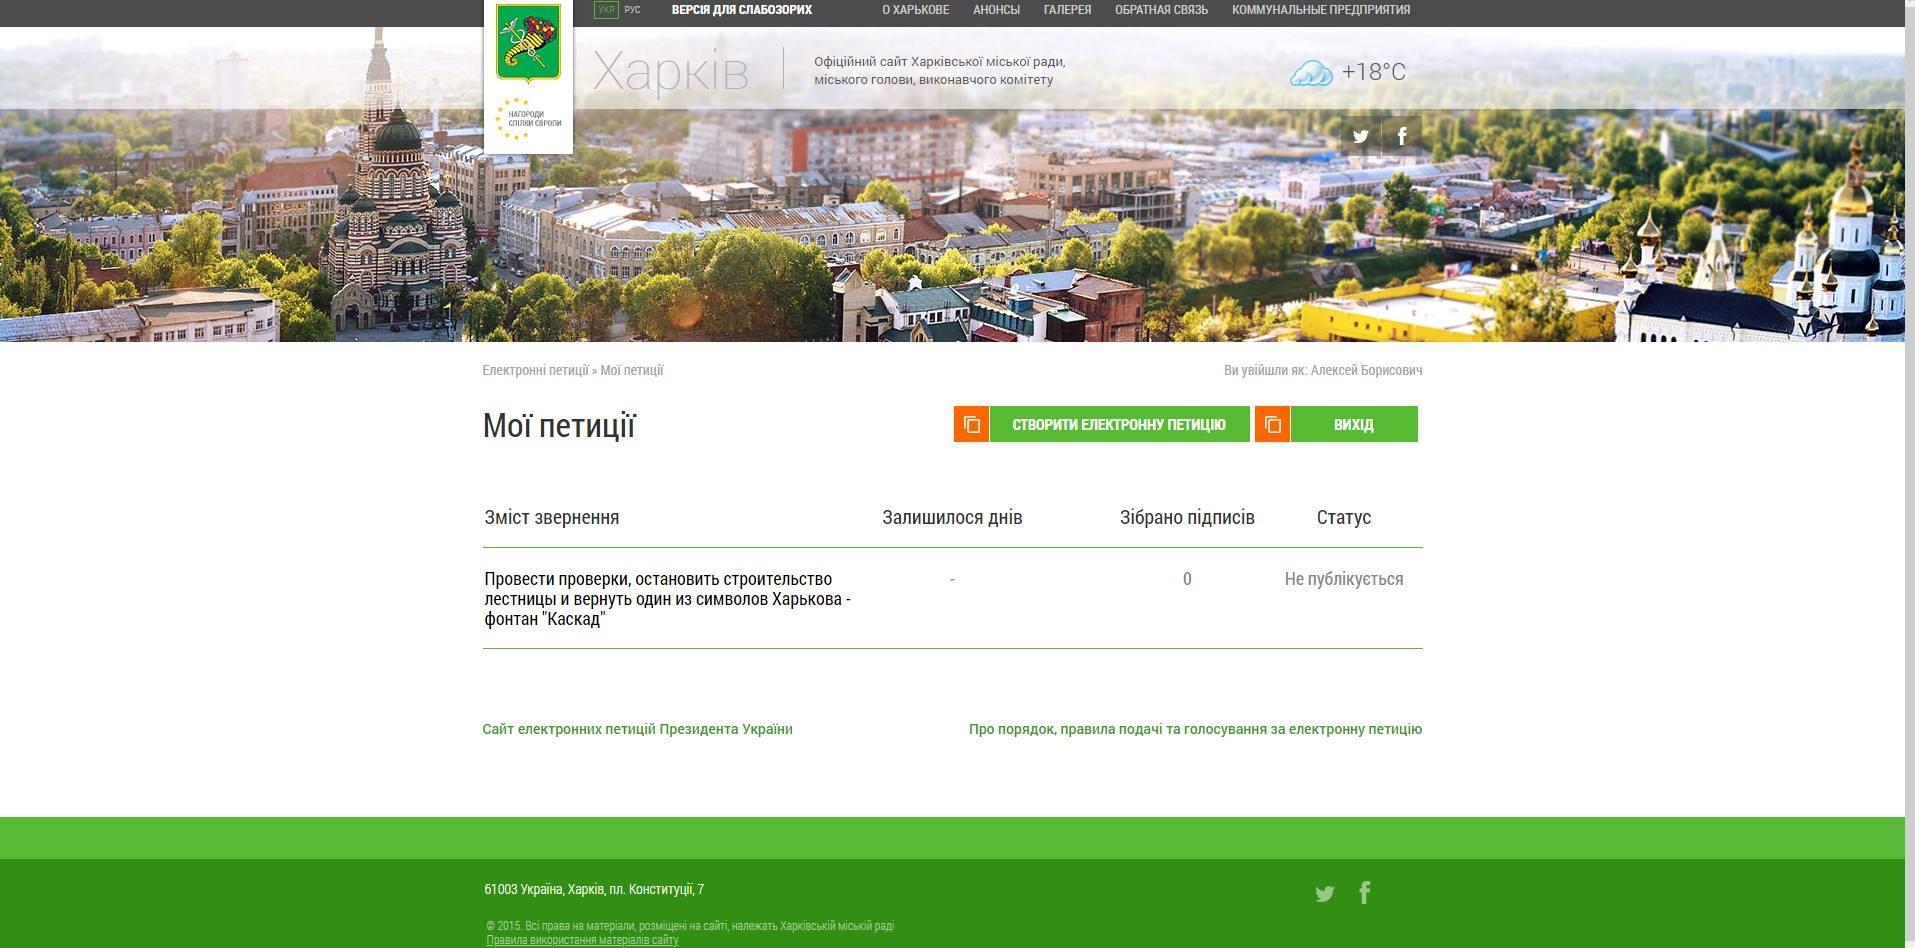 Петиция Остановить строительство лестницы и вернуть один из символов Харькова - Каскад с фонтанами